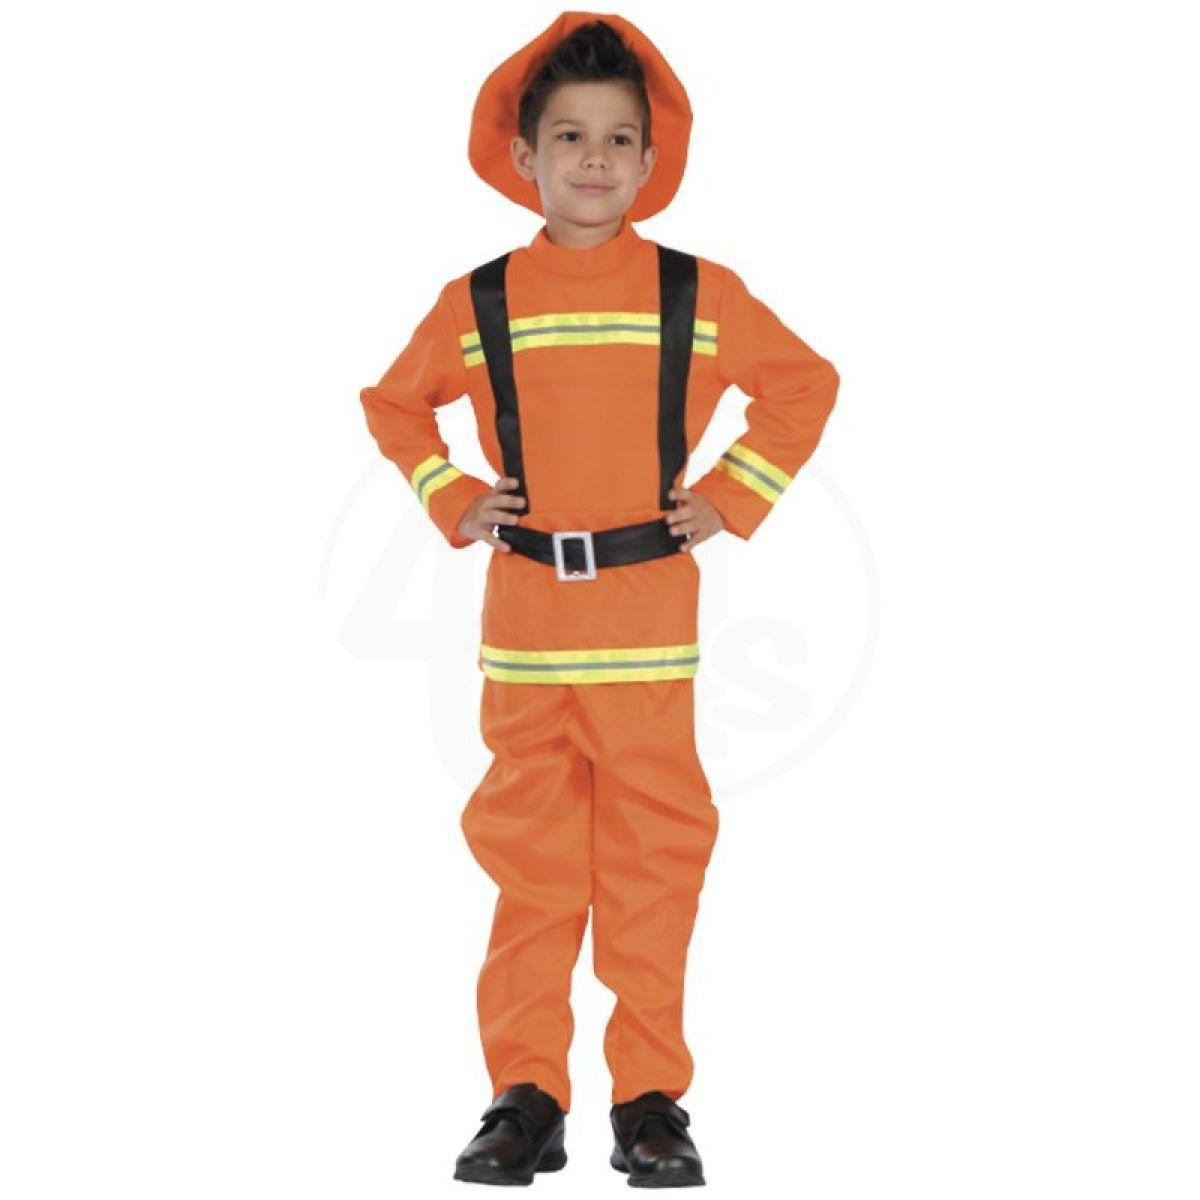 HM Studio Dětský kostým Hasič 130-140 cm 237810b68ef